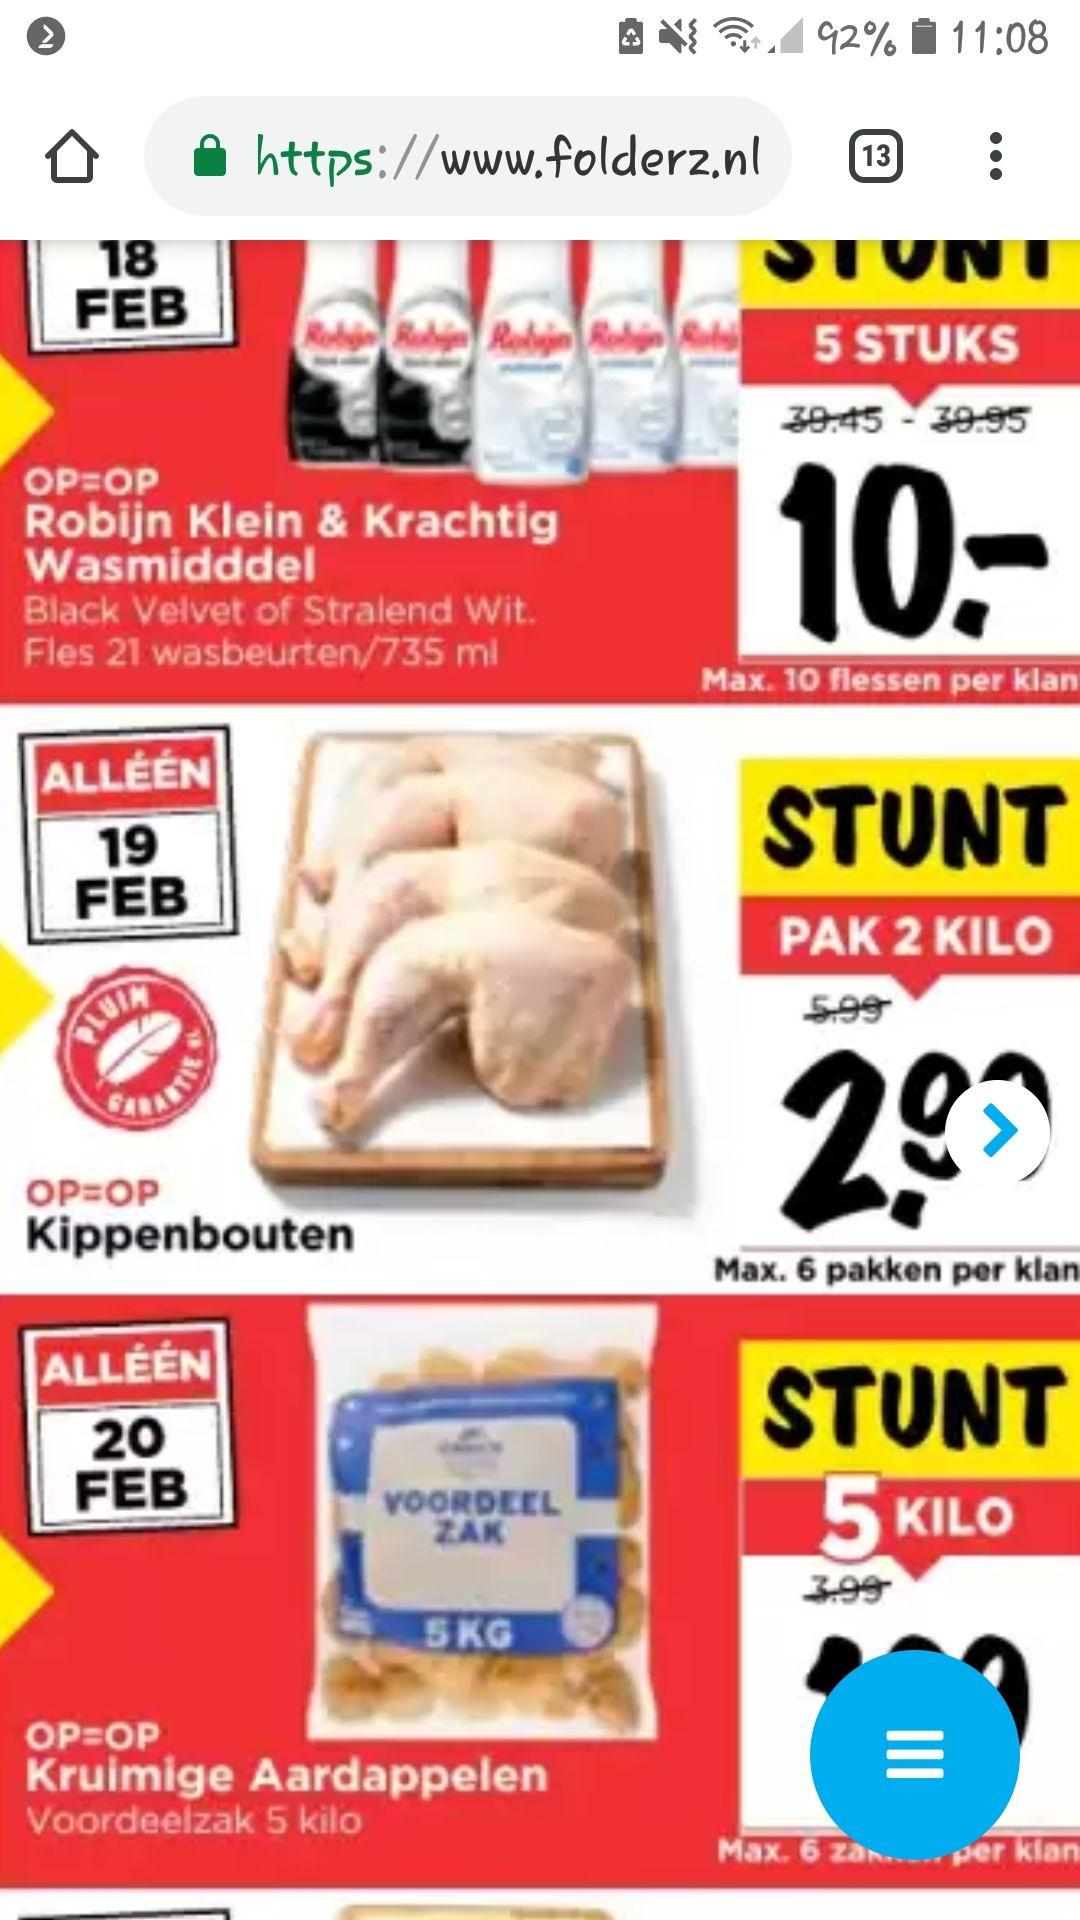 dagdeals @ vomar, vandaag 2kg kippenbouten voor 2.99